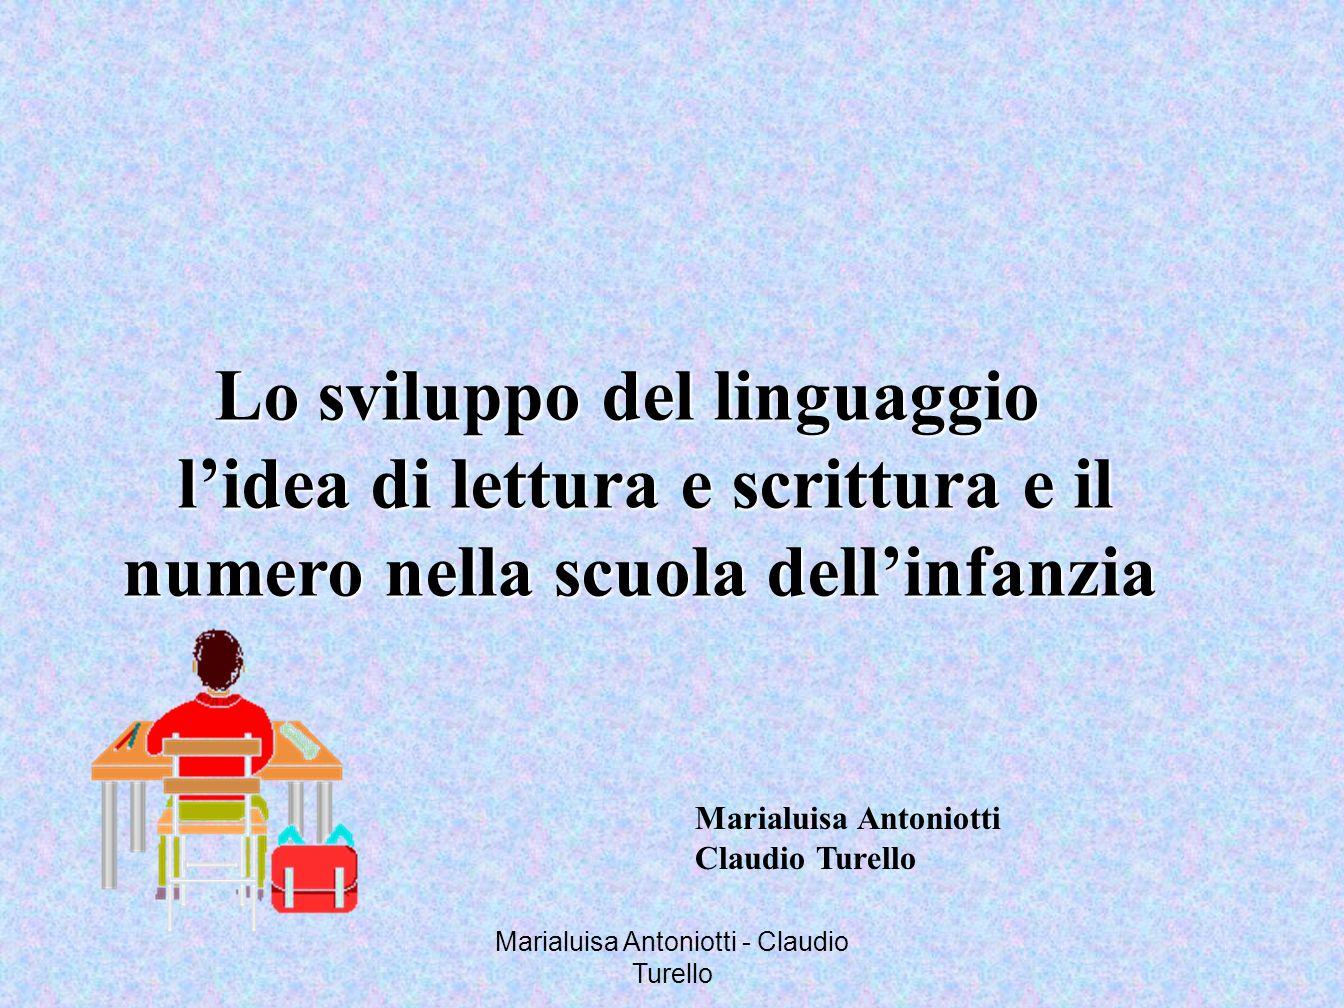 Marialuisa Antoniotti - Claudio Turello Lo sviluppo del linguaggio Lo sviluppo del linguaggio lidea di lettura e scrittura e il lidea di lettura e scr